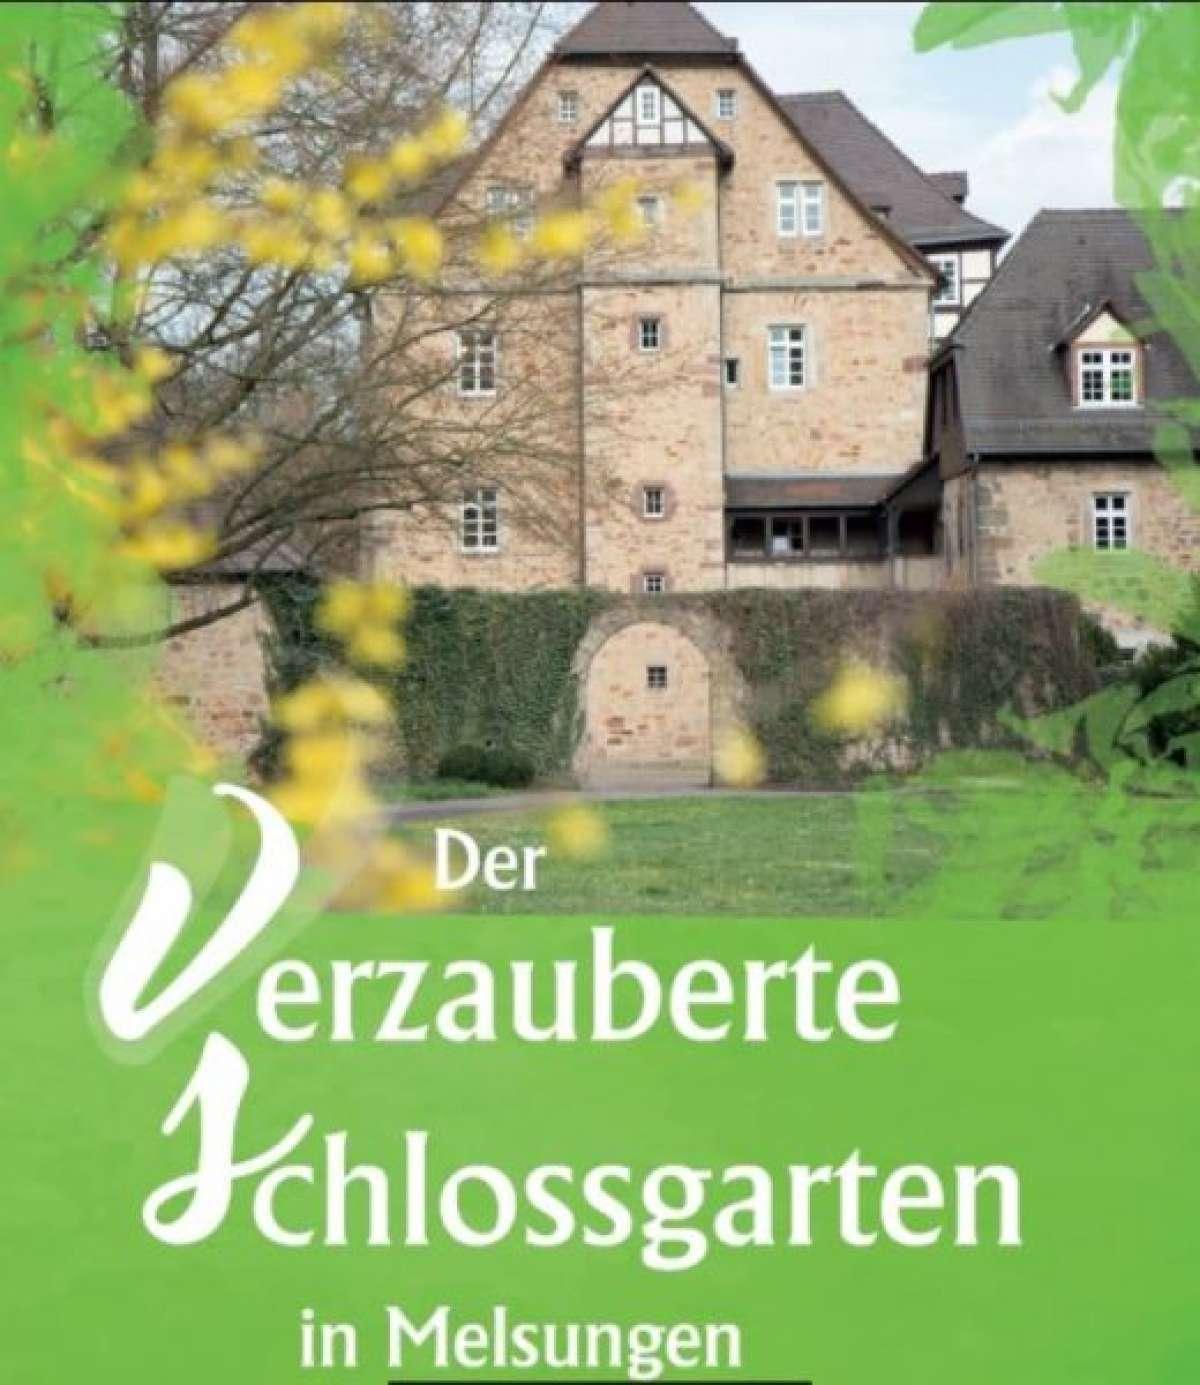 15 Jahre verzauberter Schlossgarten - Riverside Jazzmessengers - Landgrafenschloss  - Melsungen